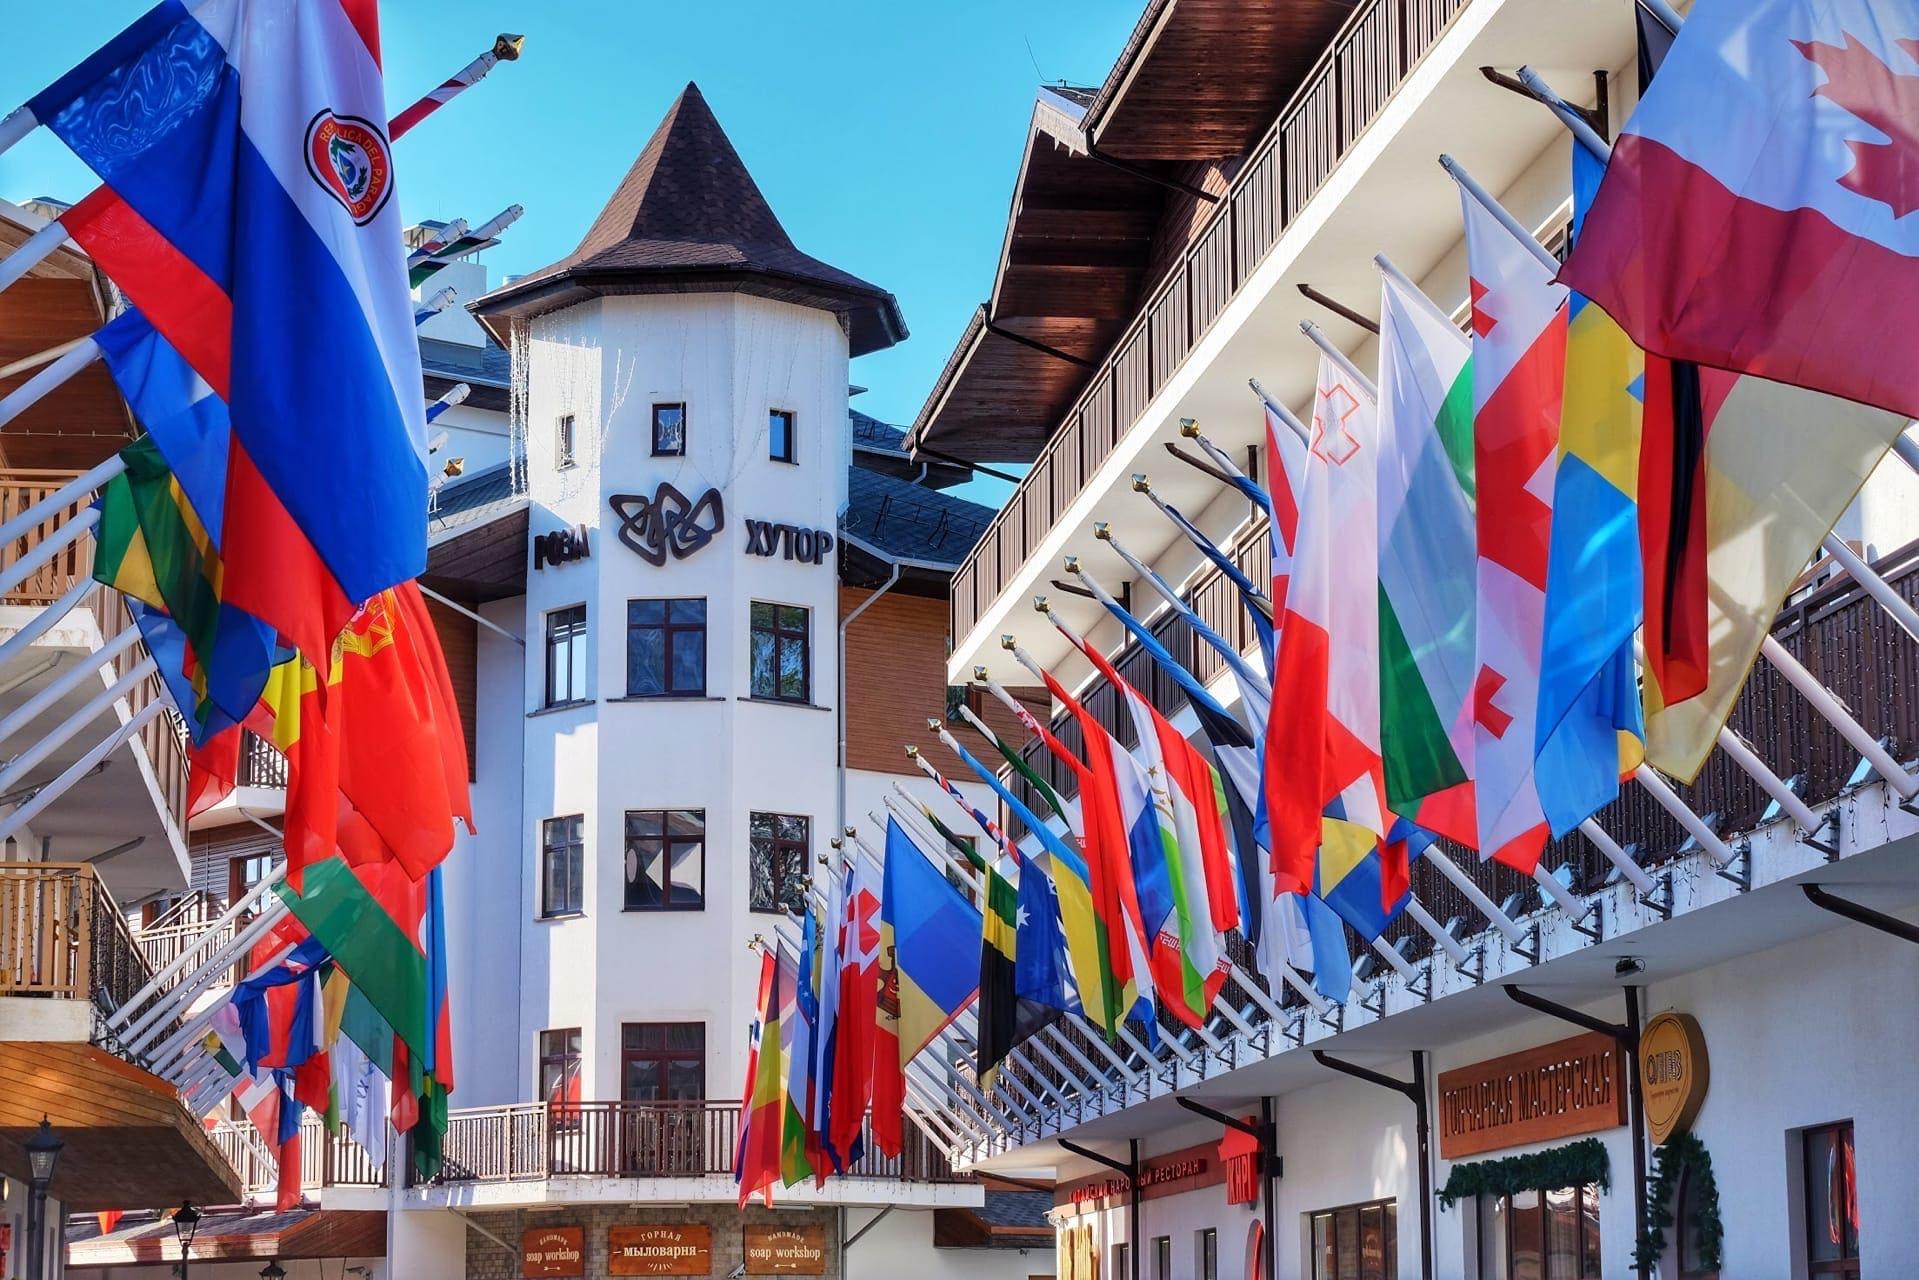 Аллея флагов в Горной Олимпийской деревне на Роза Хутор